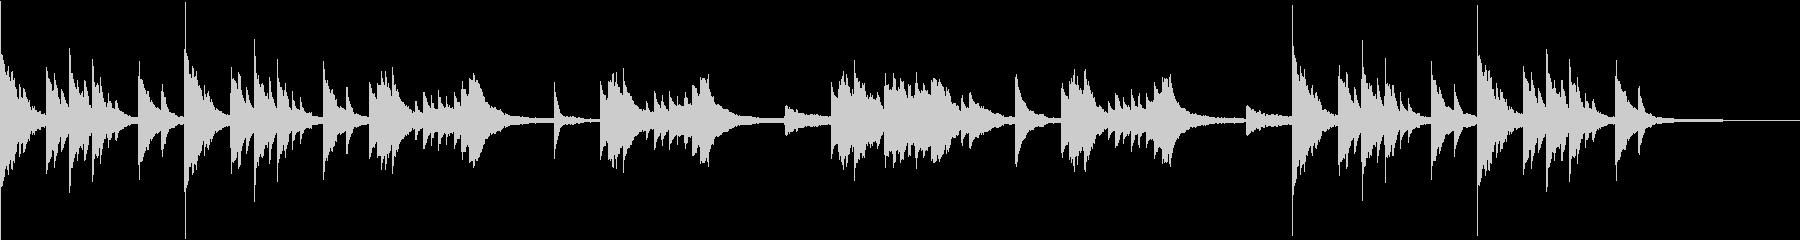 物憂げで幻想的な雰囲気のピアノソロBGMの未再生の波形